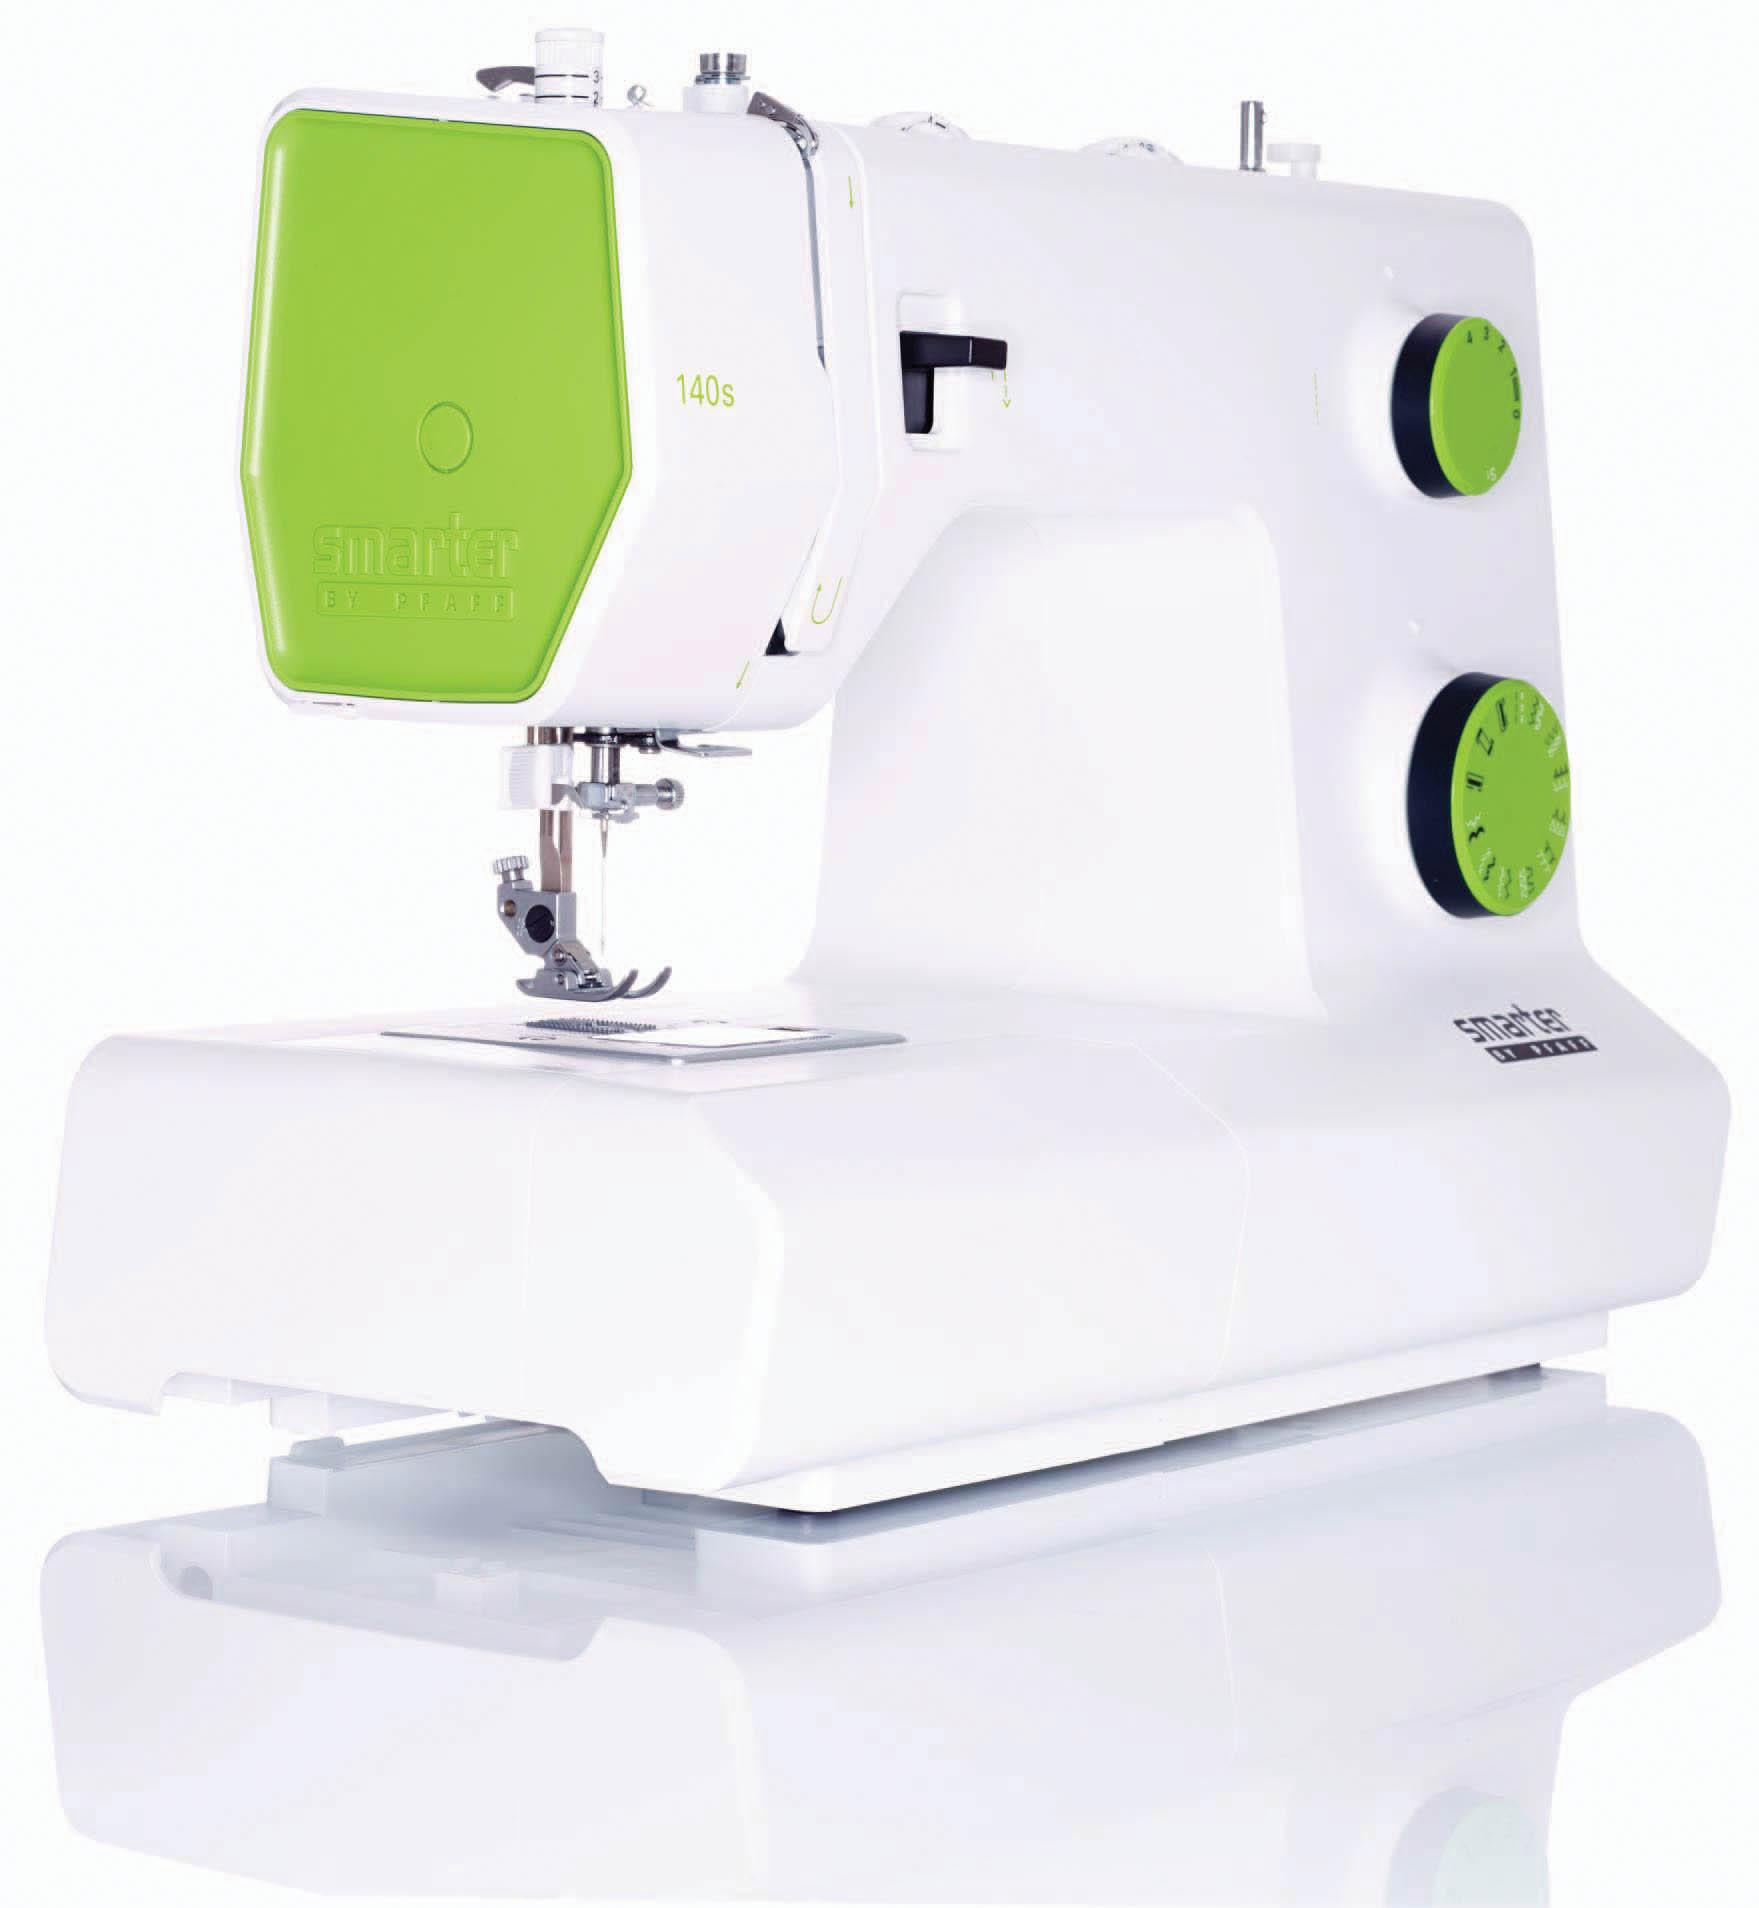 Pfaff smarter 140 macchine per cucire de min for Pfaff macchine per cucire